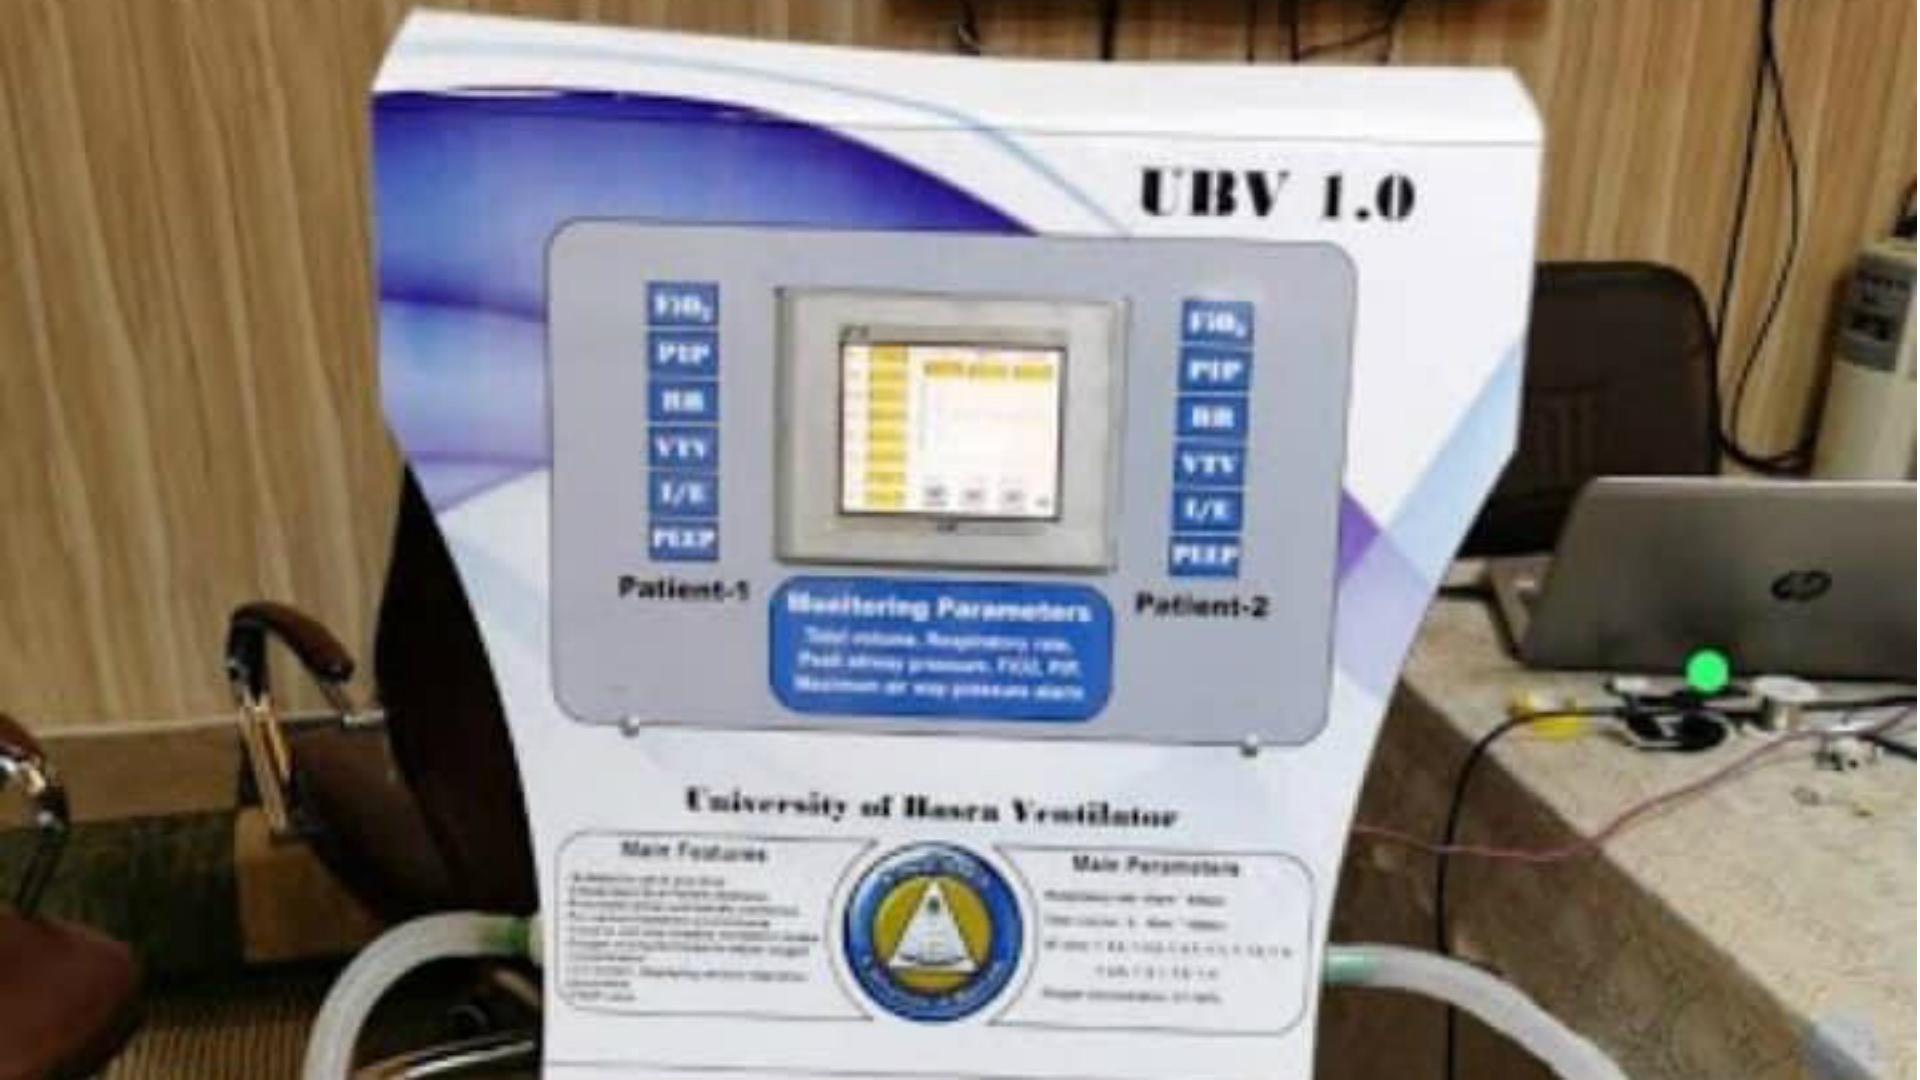 جامعات عراقية تصنع أجهزة طبية بكلف متدنية جداً